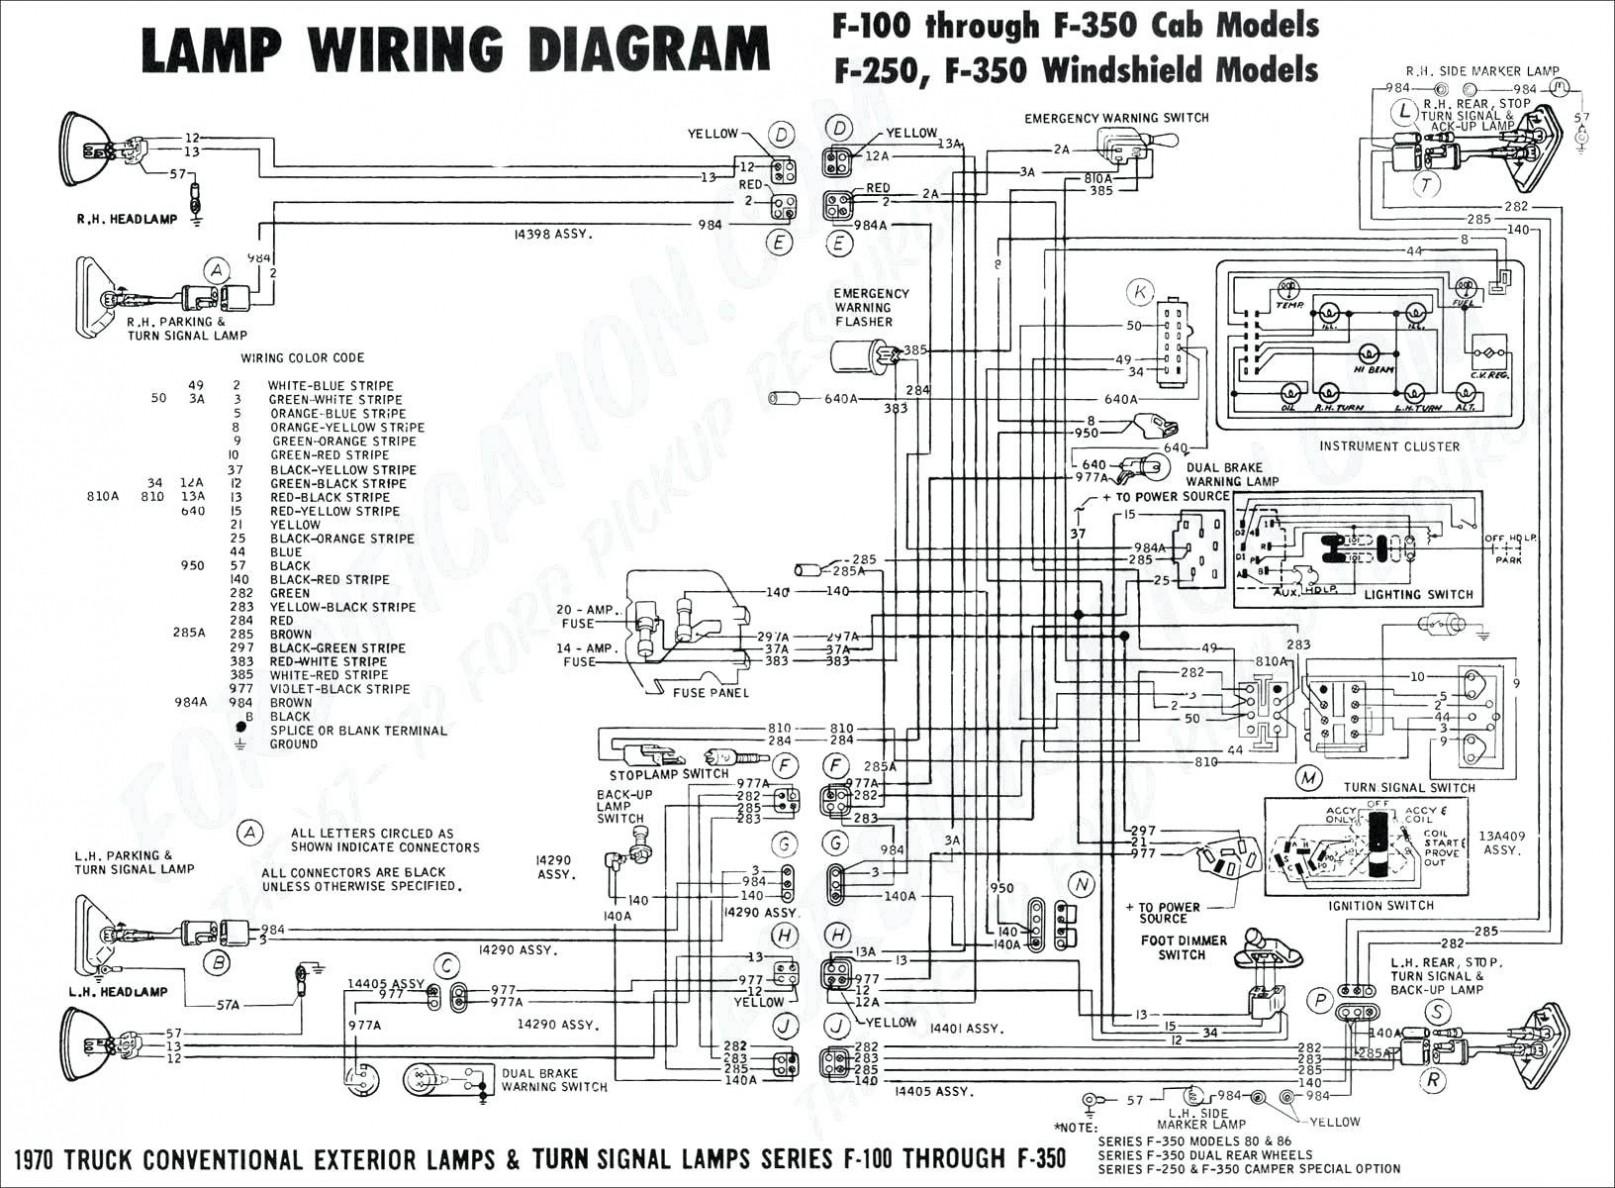 87 dodge truck wiring diagram schematic wiring diagram u2022 rh  envisionhosting co 1996 Dakota Starter Wiring